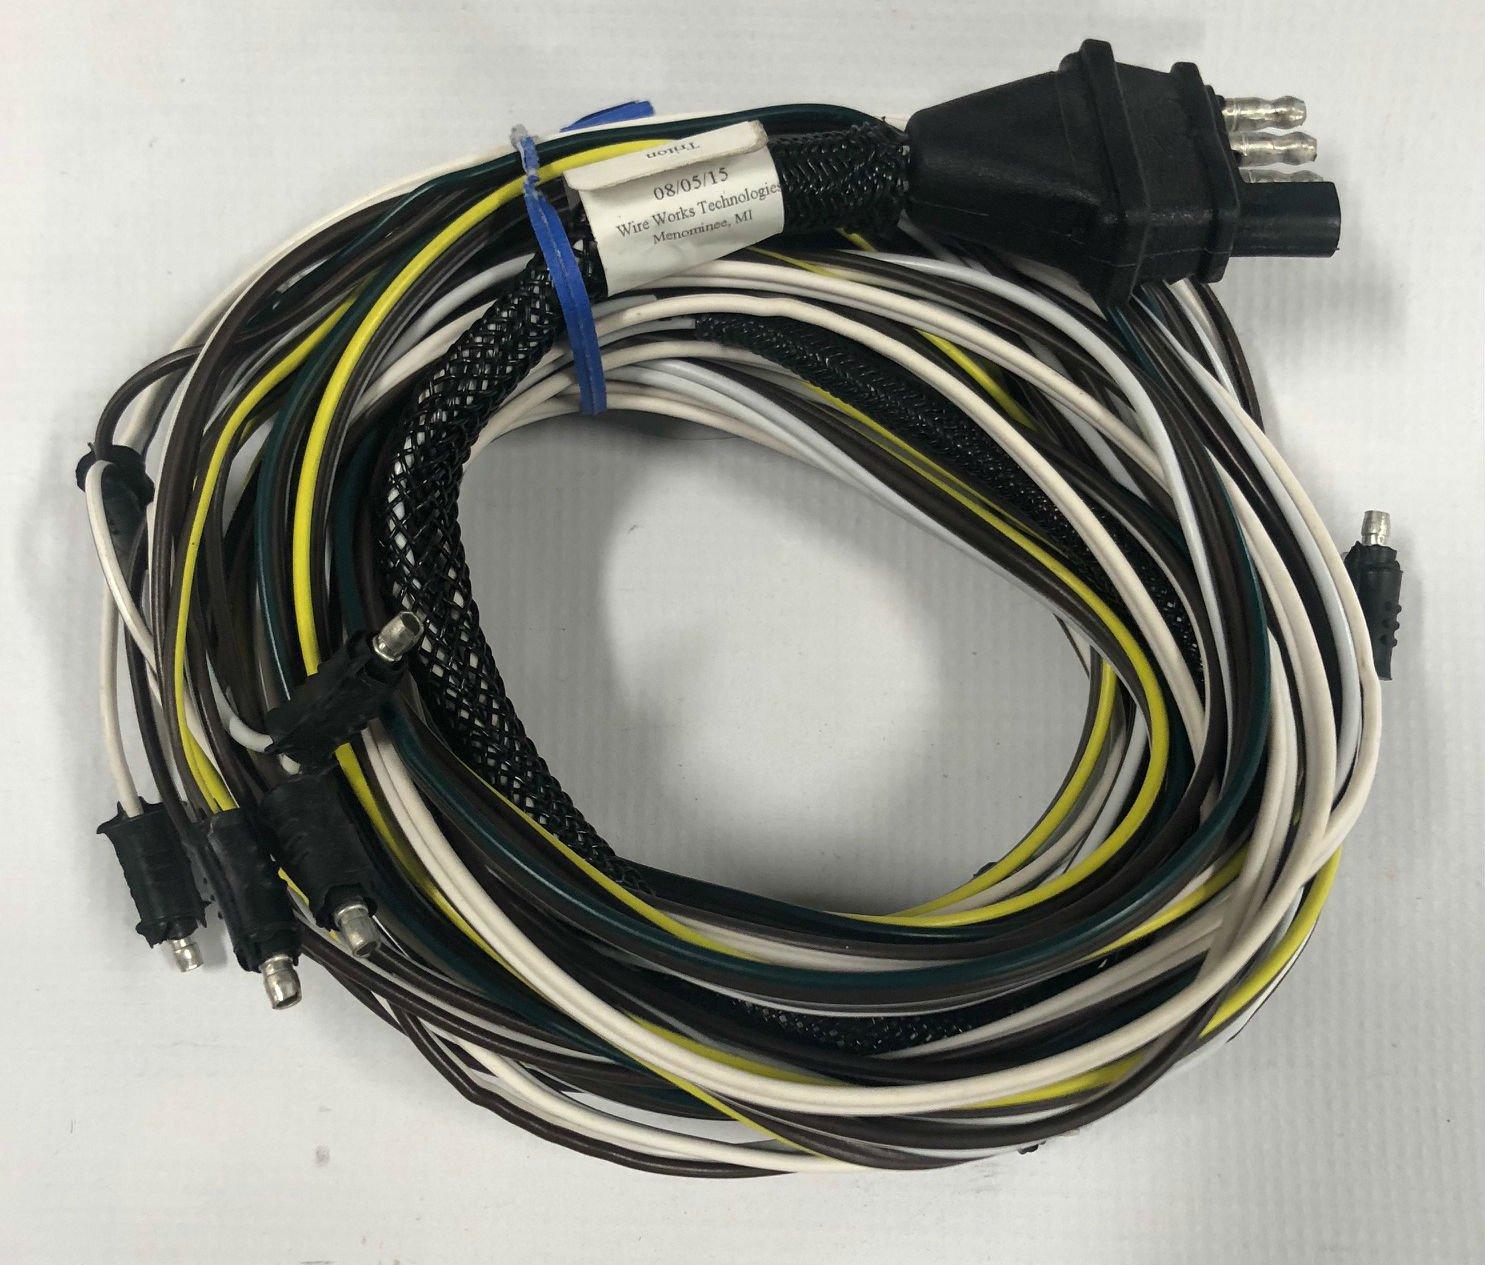 Amazon.com : Triton 08426 XT 4.5 Wire Harness : Snowmobile Trailer  Accessories : Sports & Outdoors